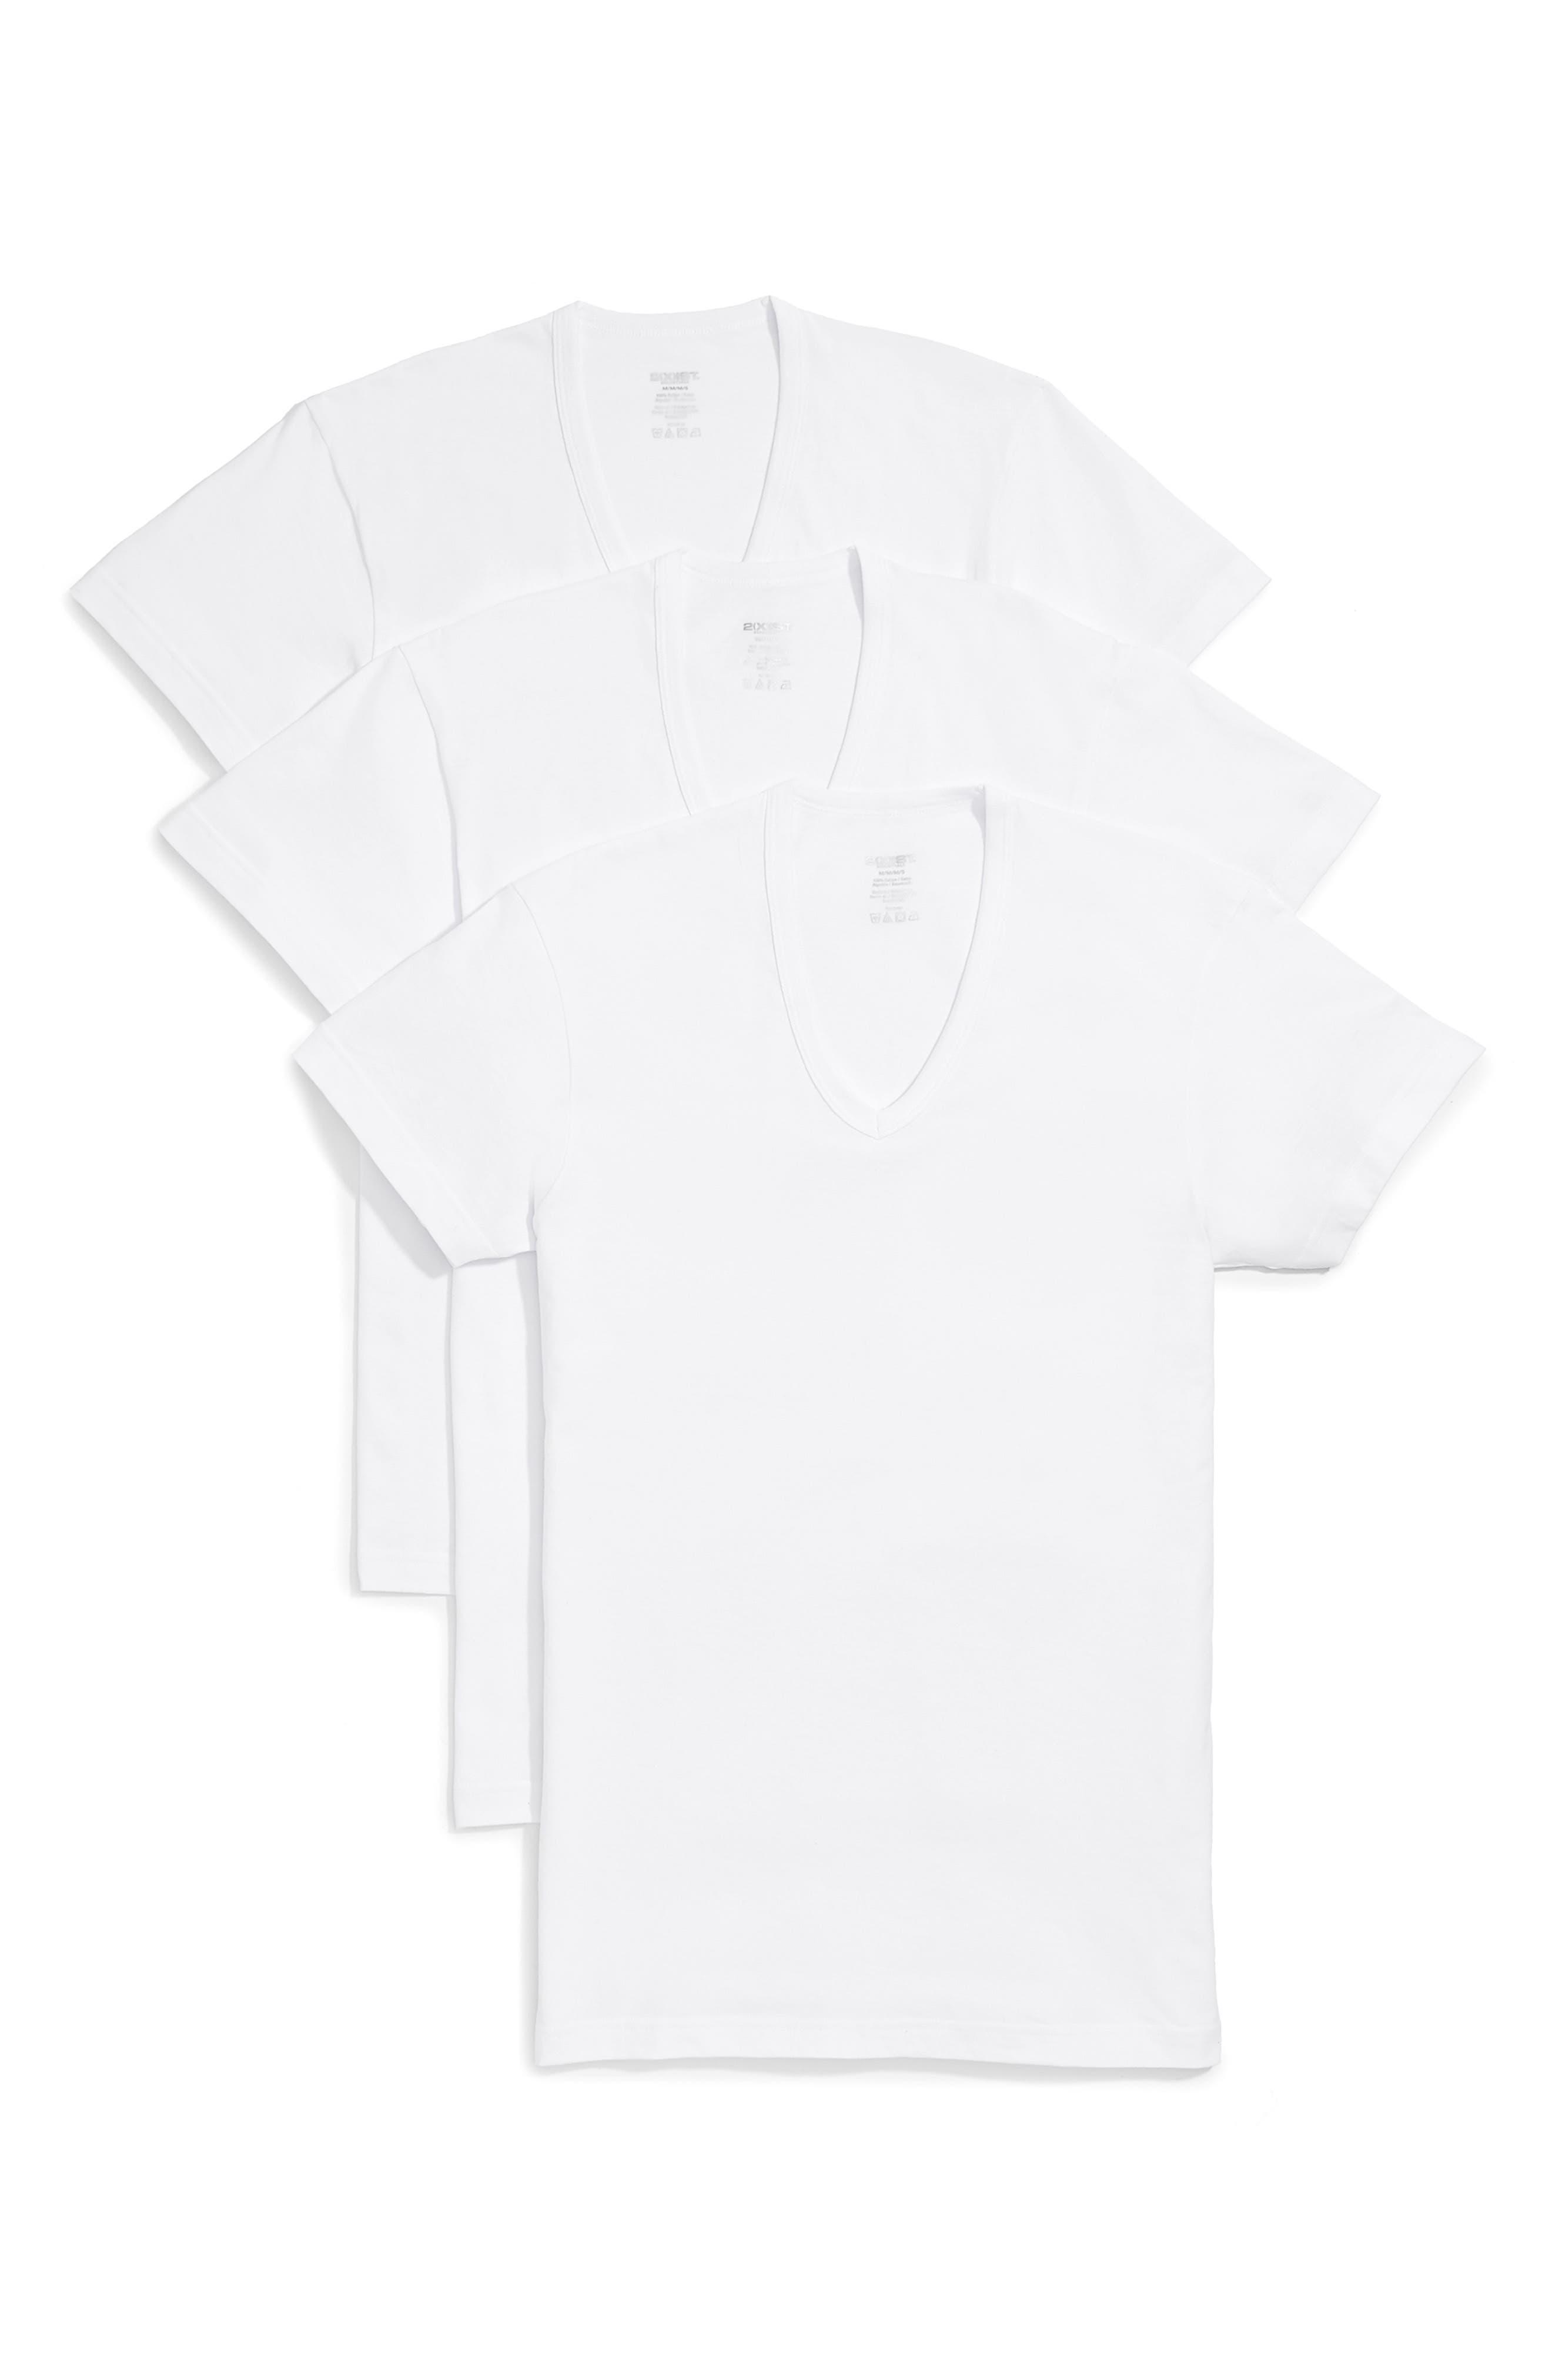 Slim Fit 3-Pack Cotton T-Shirt,                             Main thumbnail 1, color,                             101